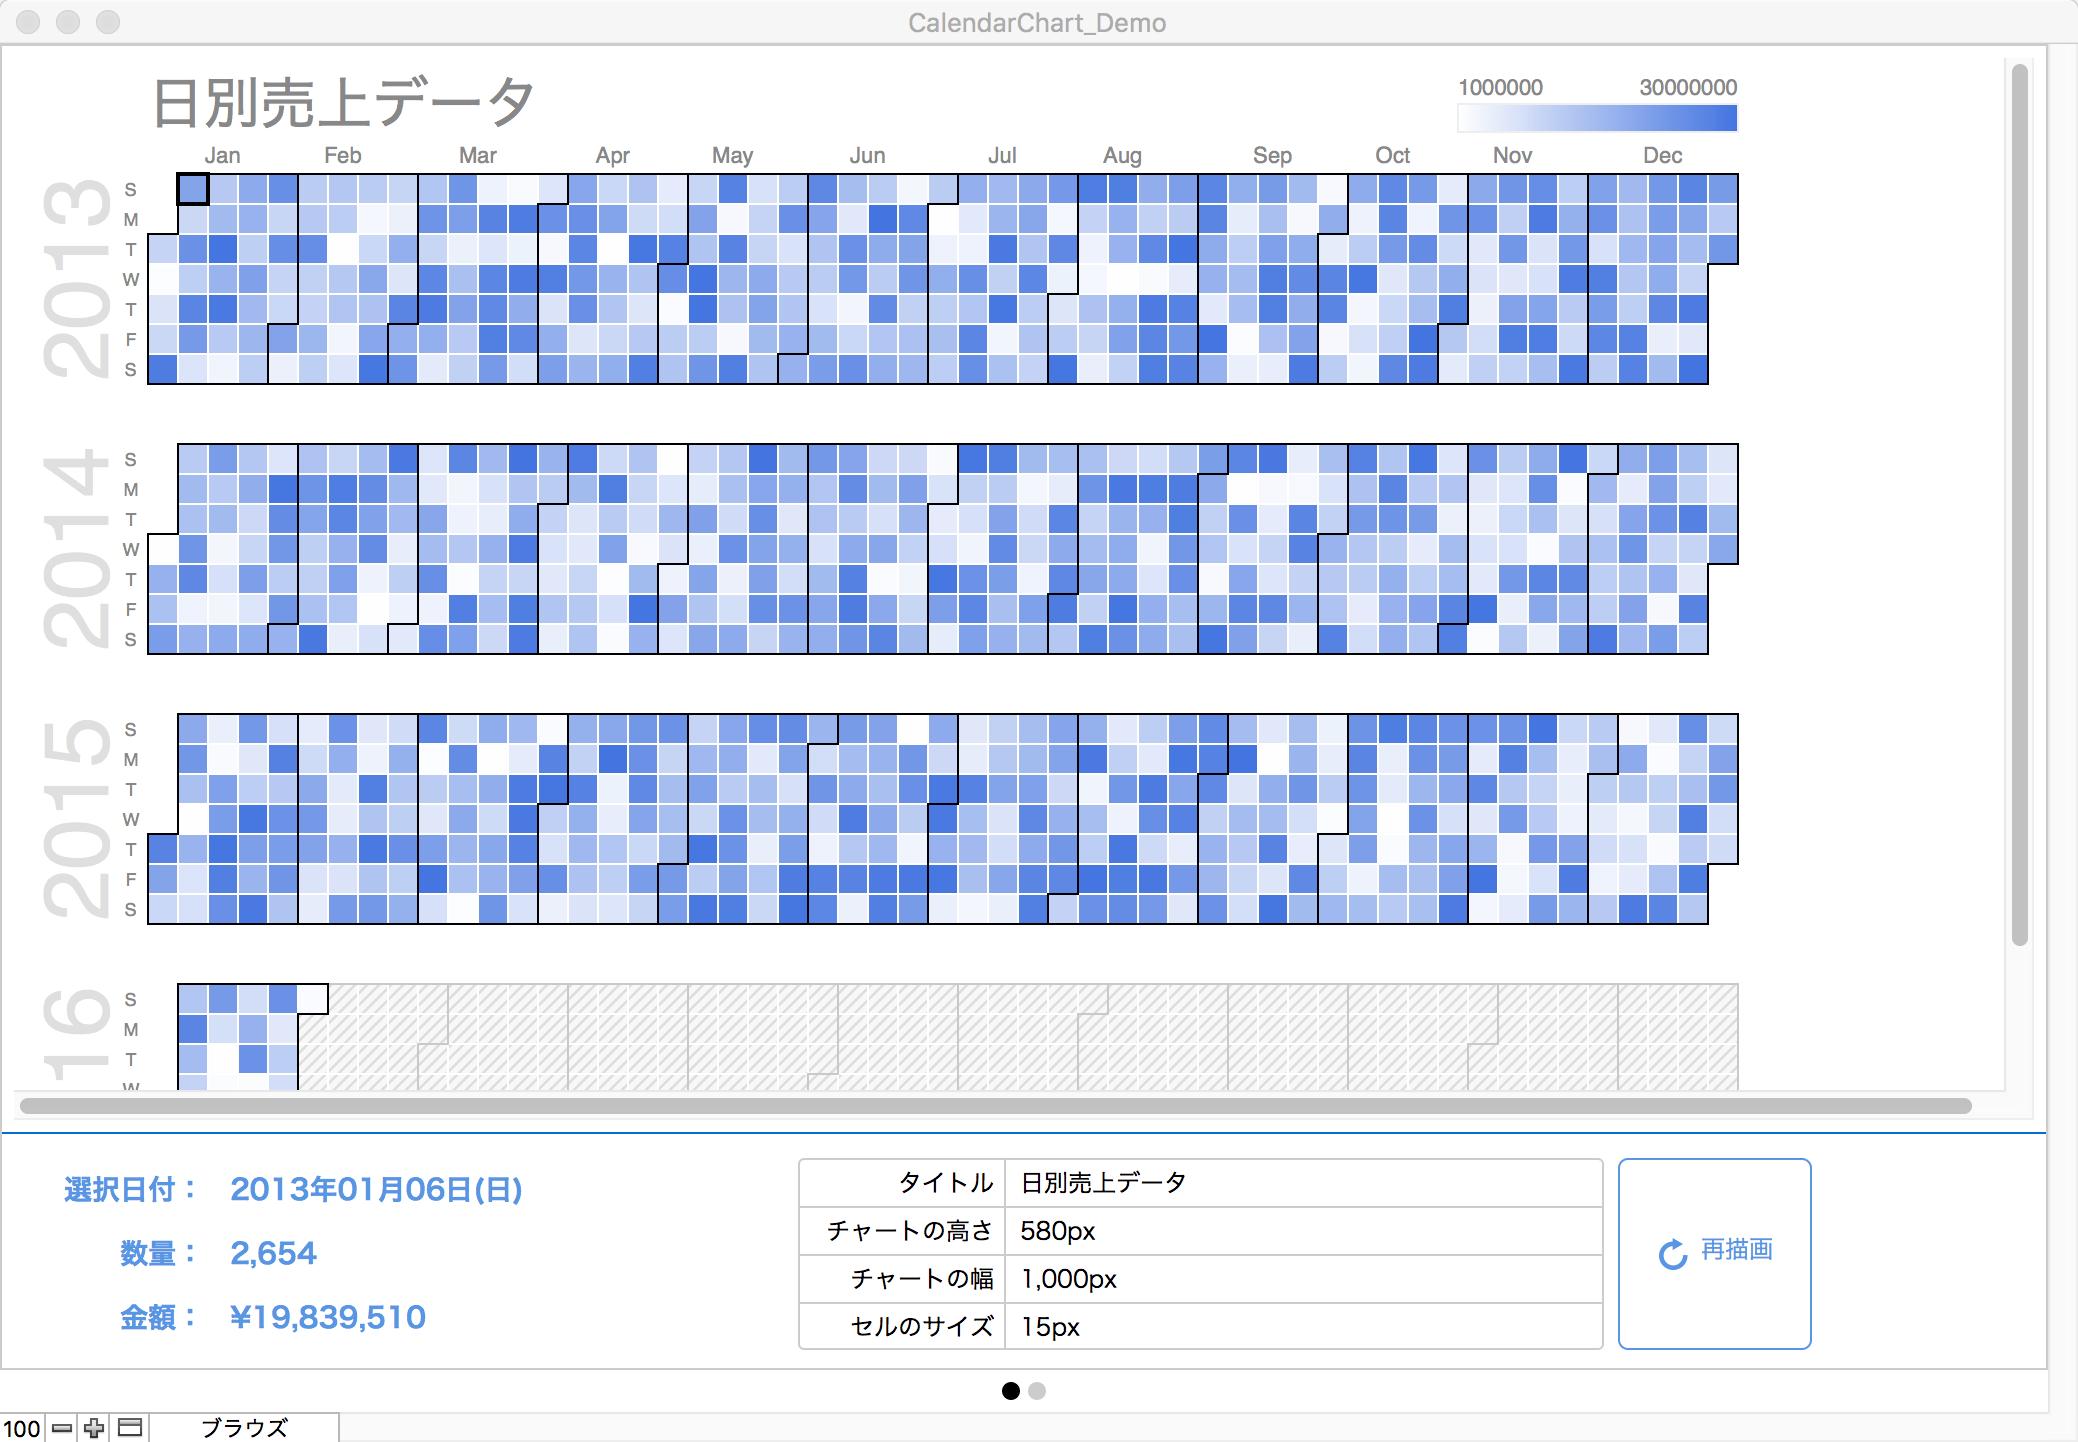 カレンダーチャート